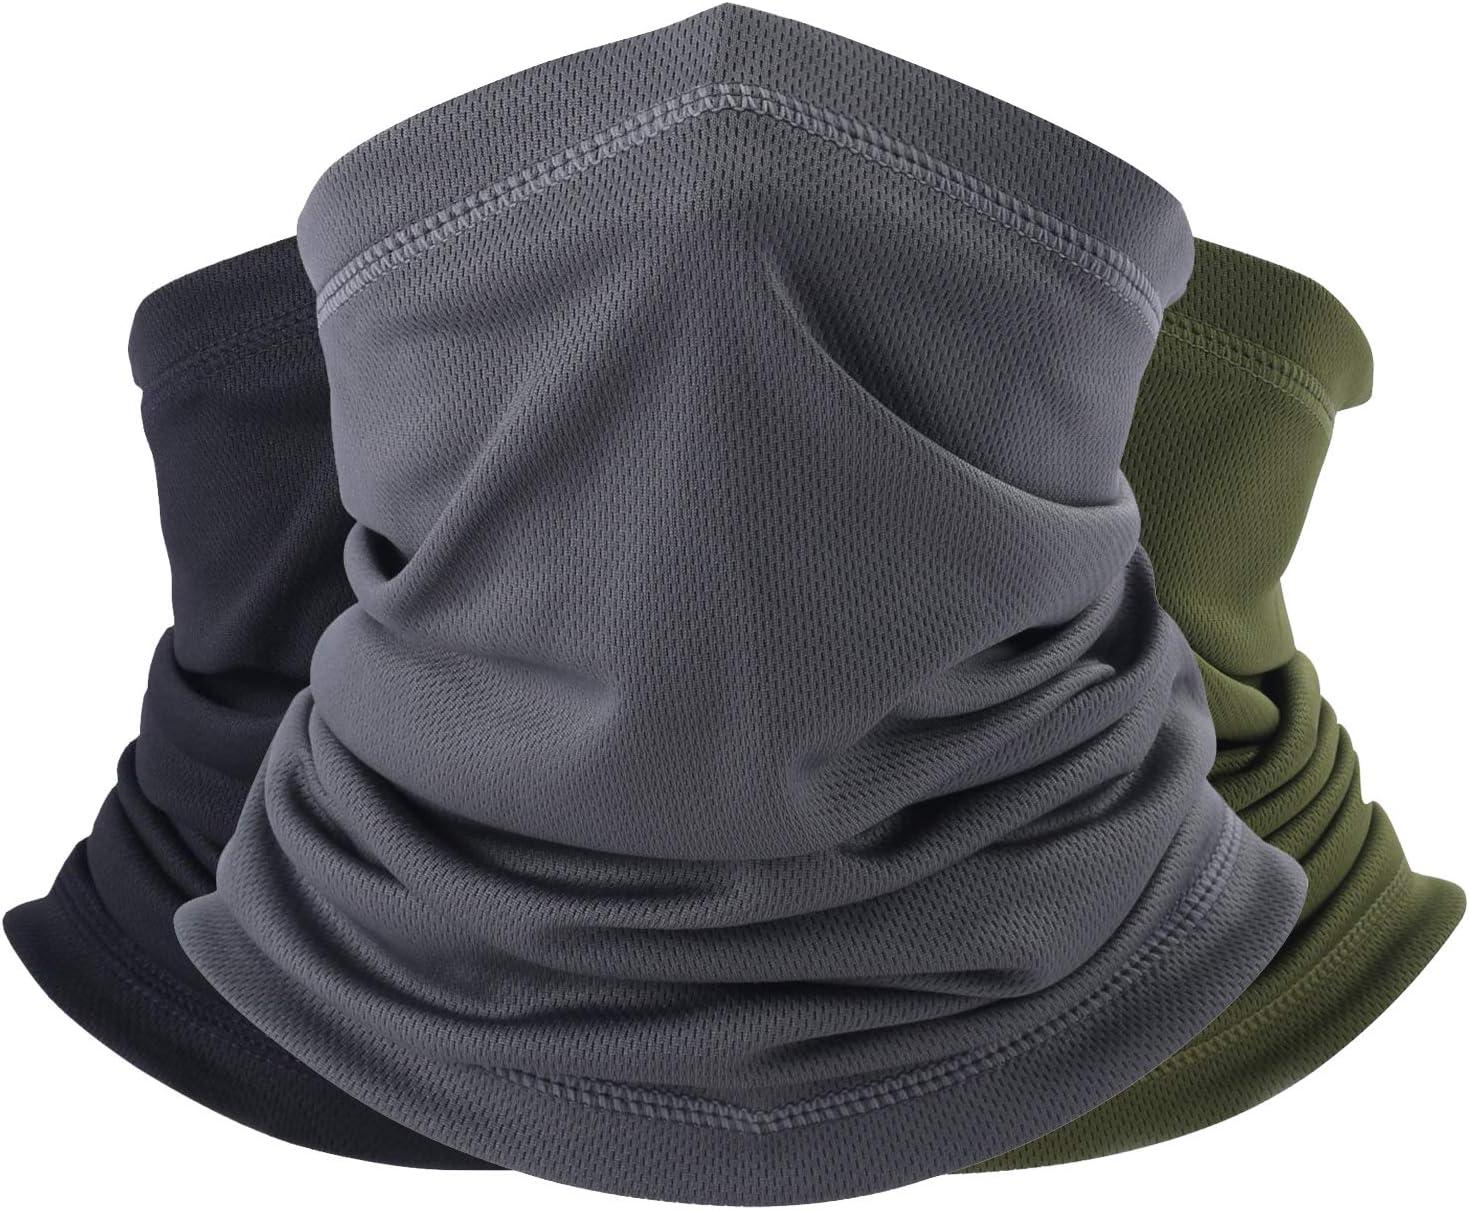 hikevalley Summer Face Scarf Neck Gaiter Cooling Dustproof Masks 3 Pack